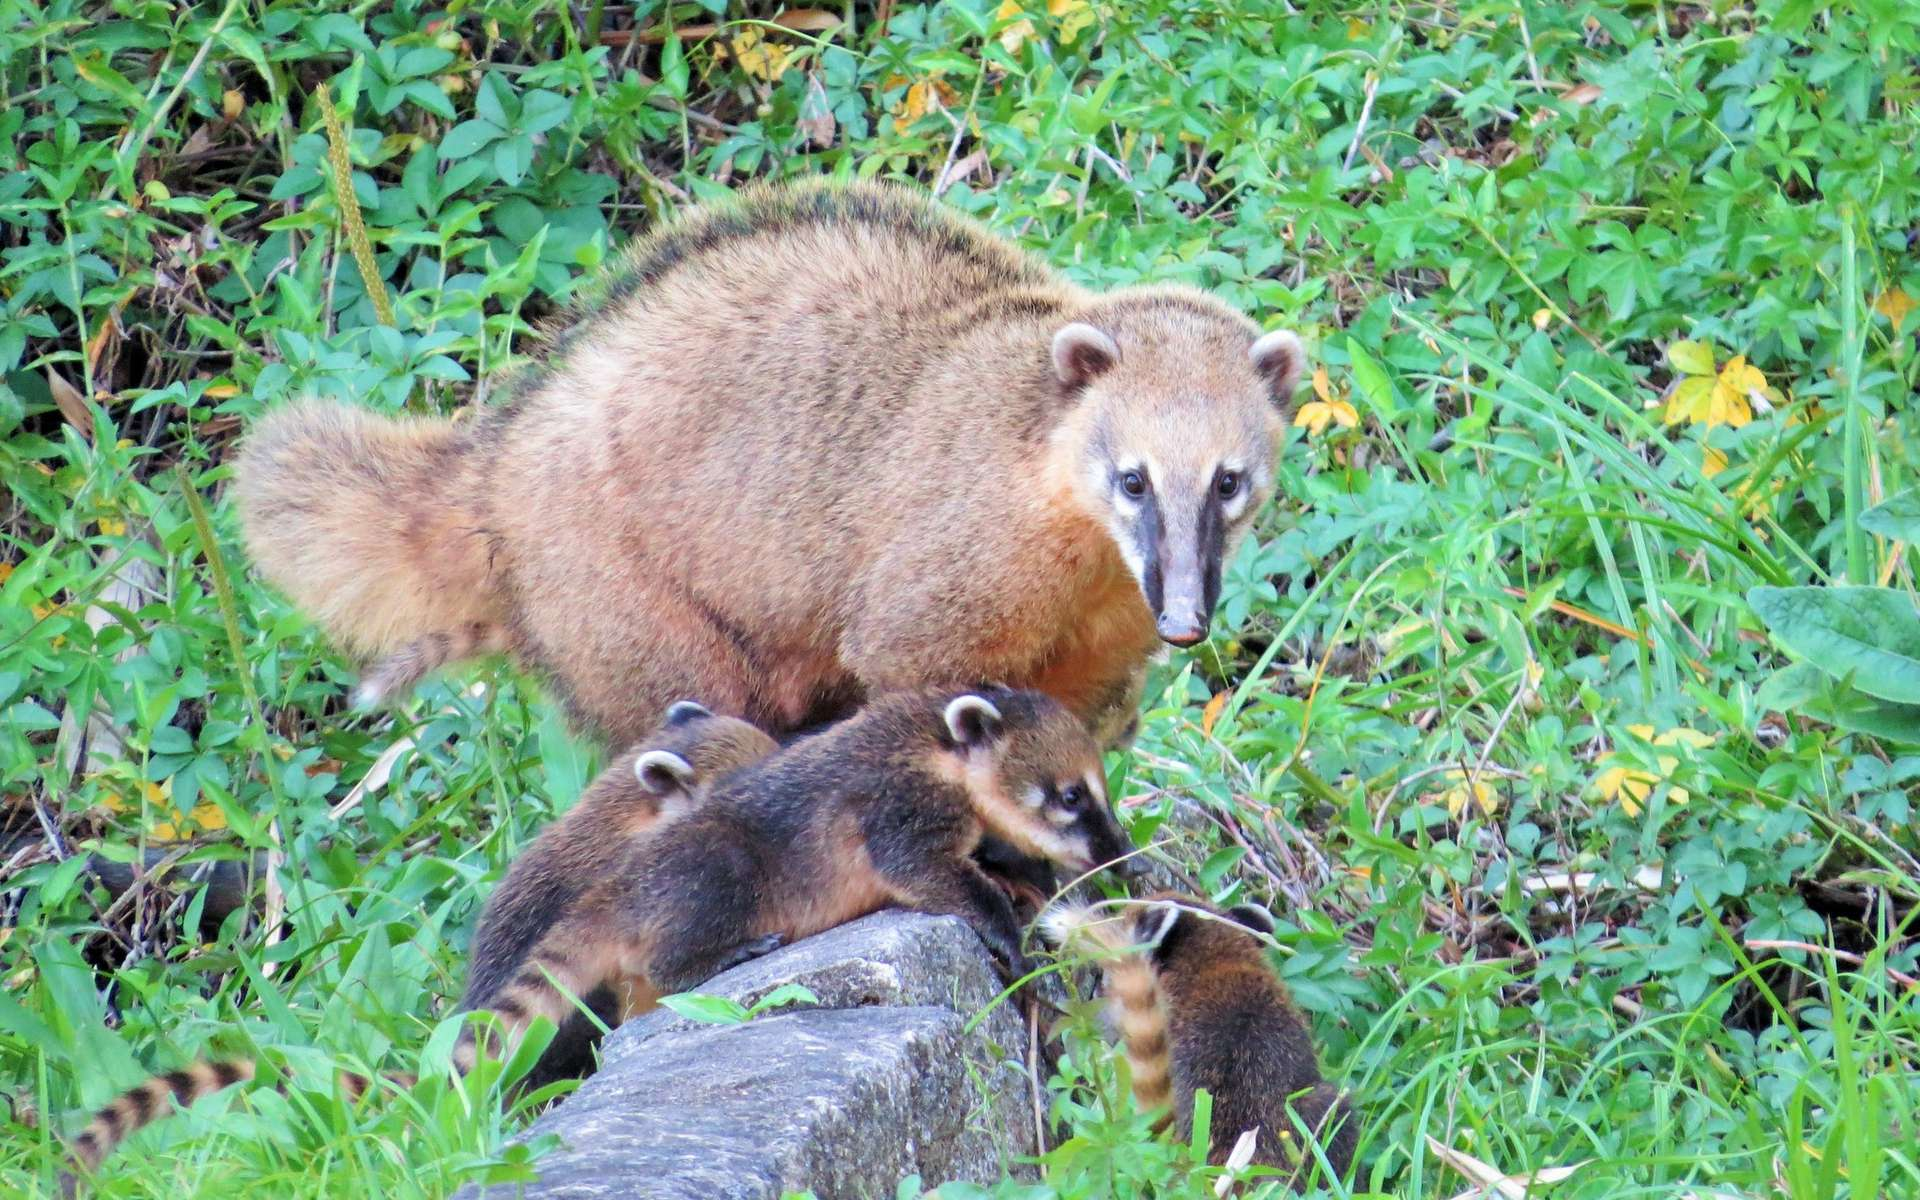 Le coati roux (Nasua nasua), un mammifère particulière agressif, a déjà été aperçu en France. © andretostes, iNaturalist